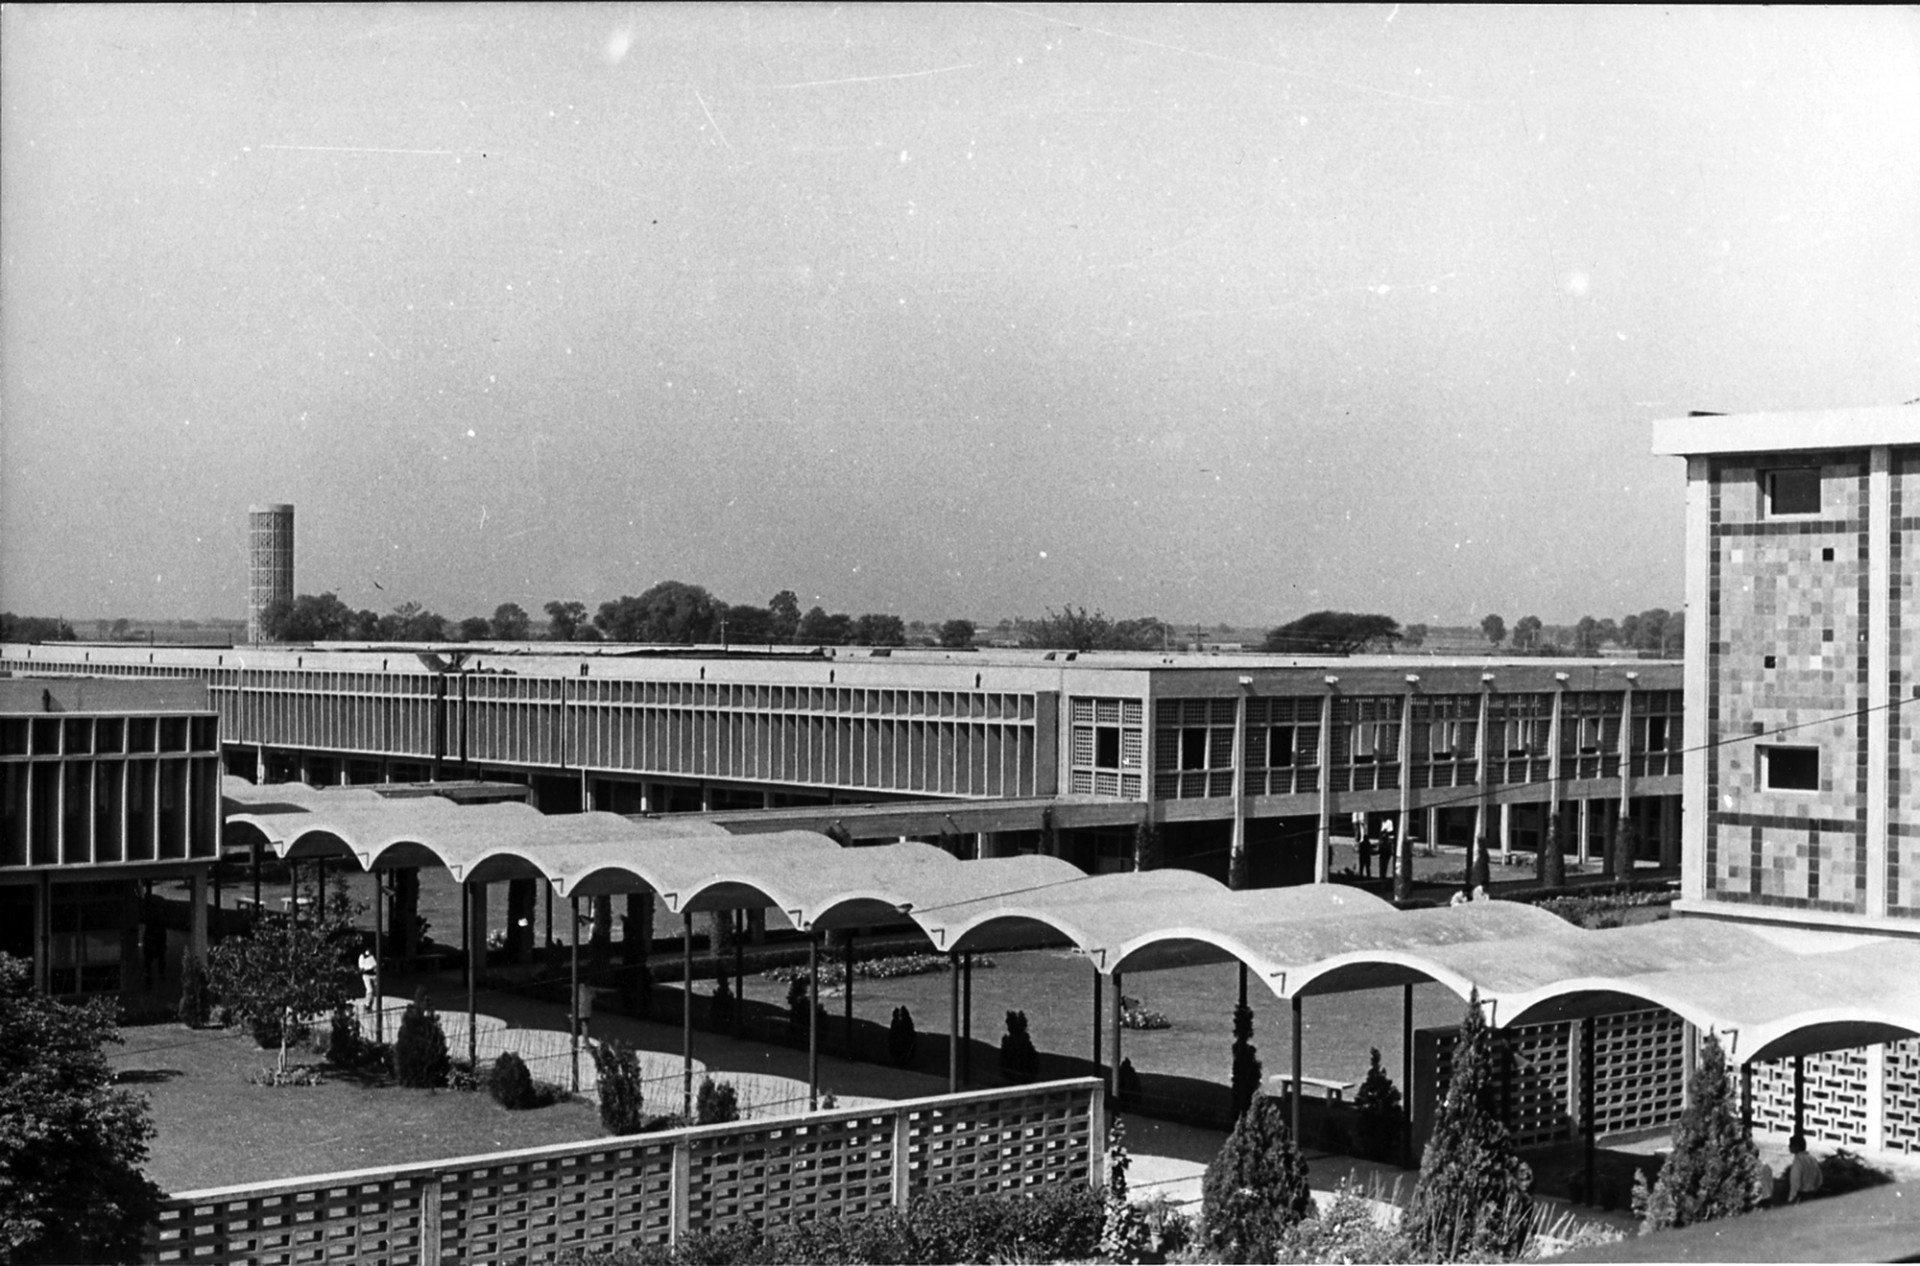 University of Panjab.  Ein zentraler überdachter Weg verbindet die einzelnen Institute des weitgehend autofreien Campus.